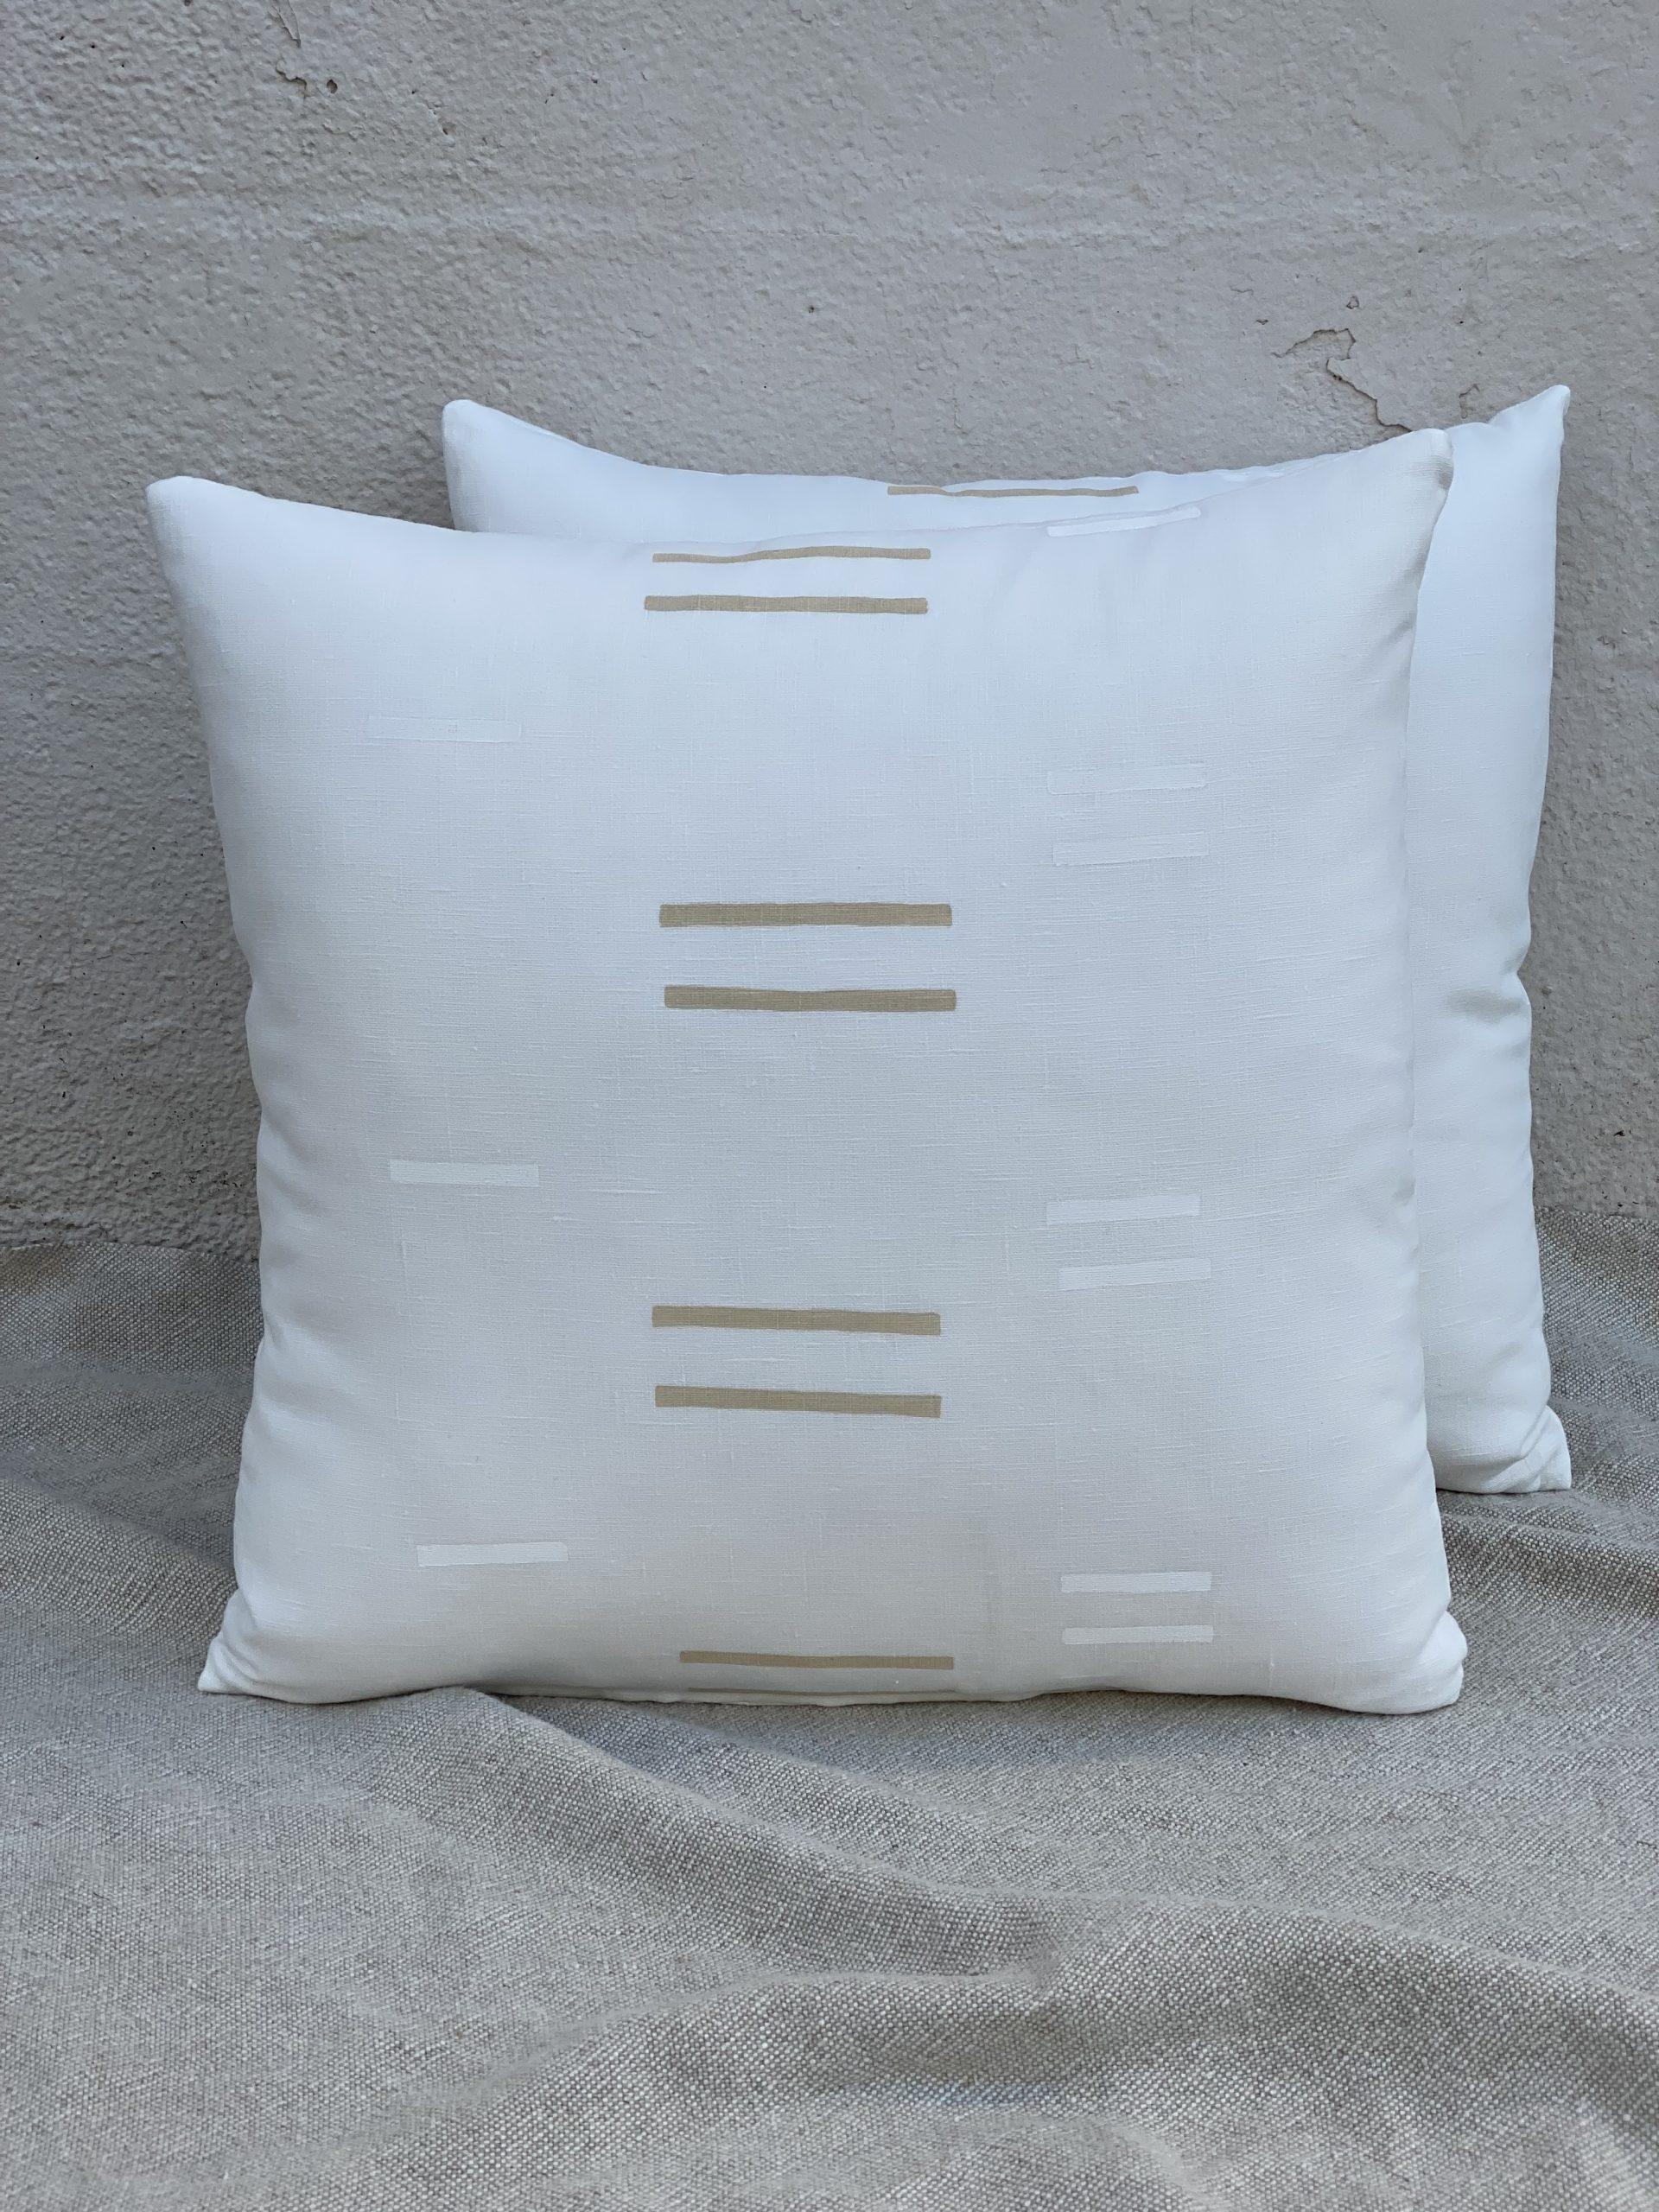 Brooke Abrams Design Pillows